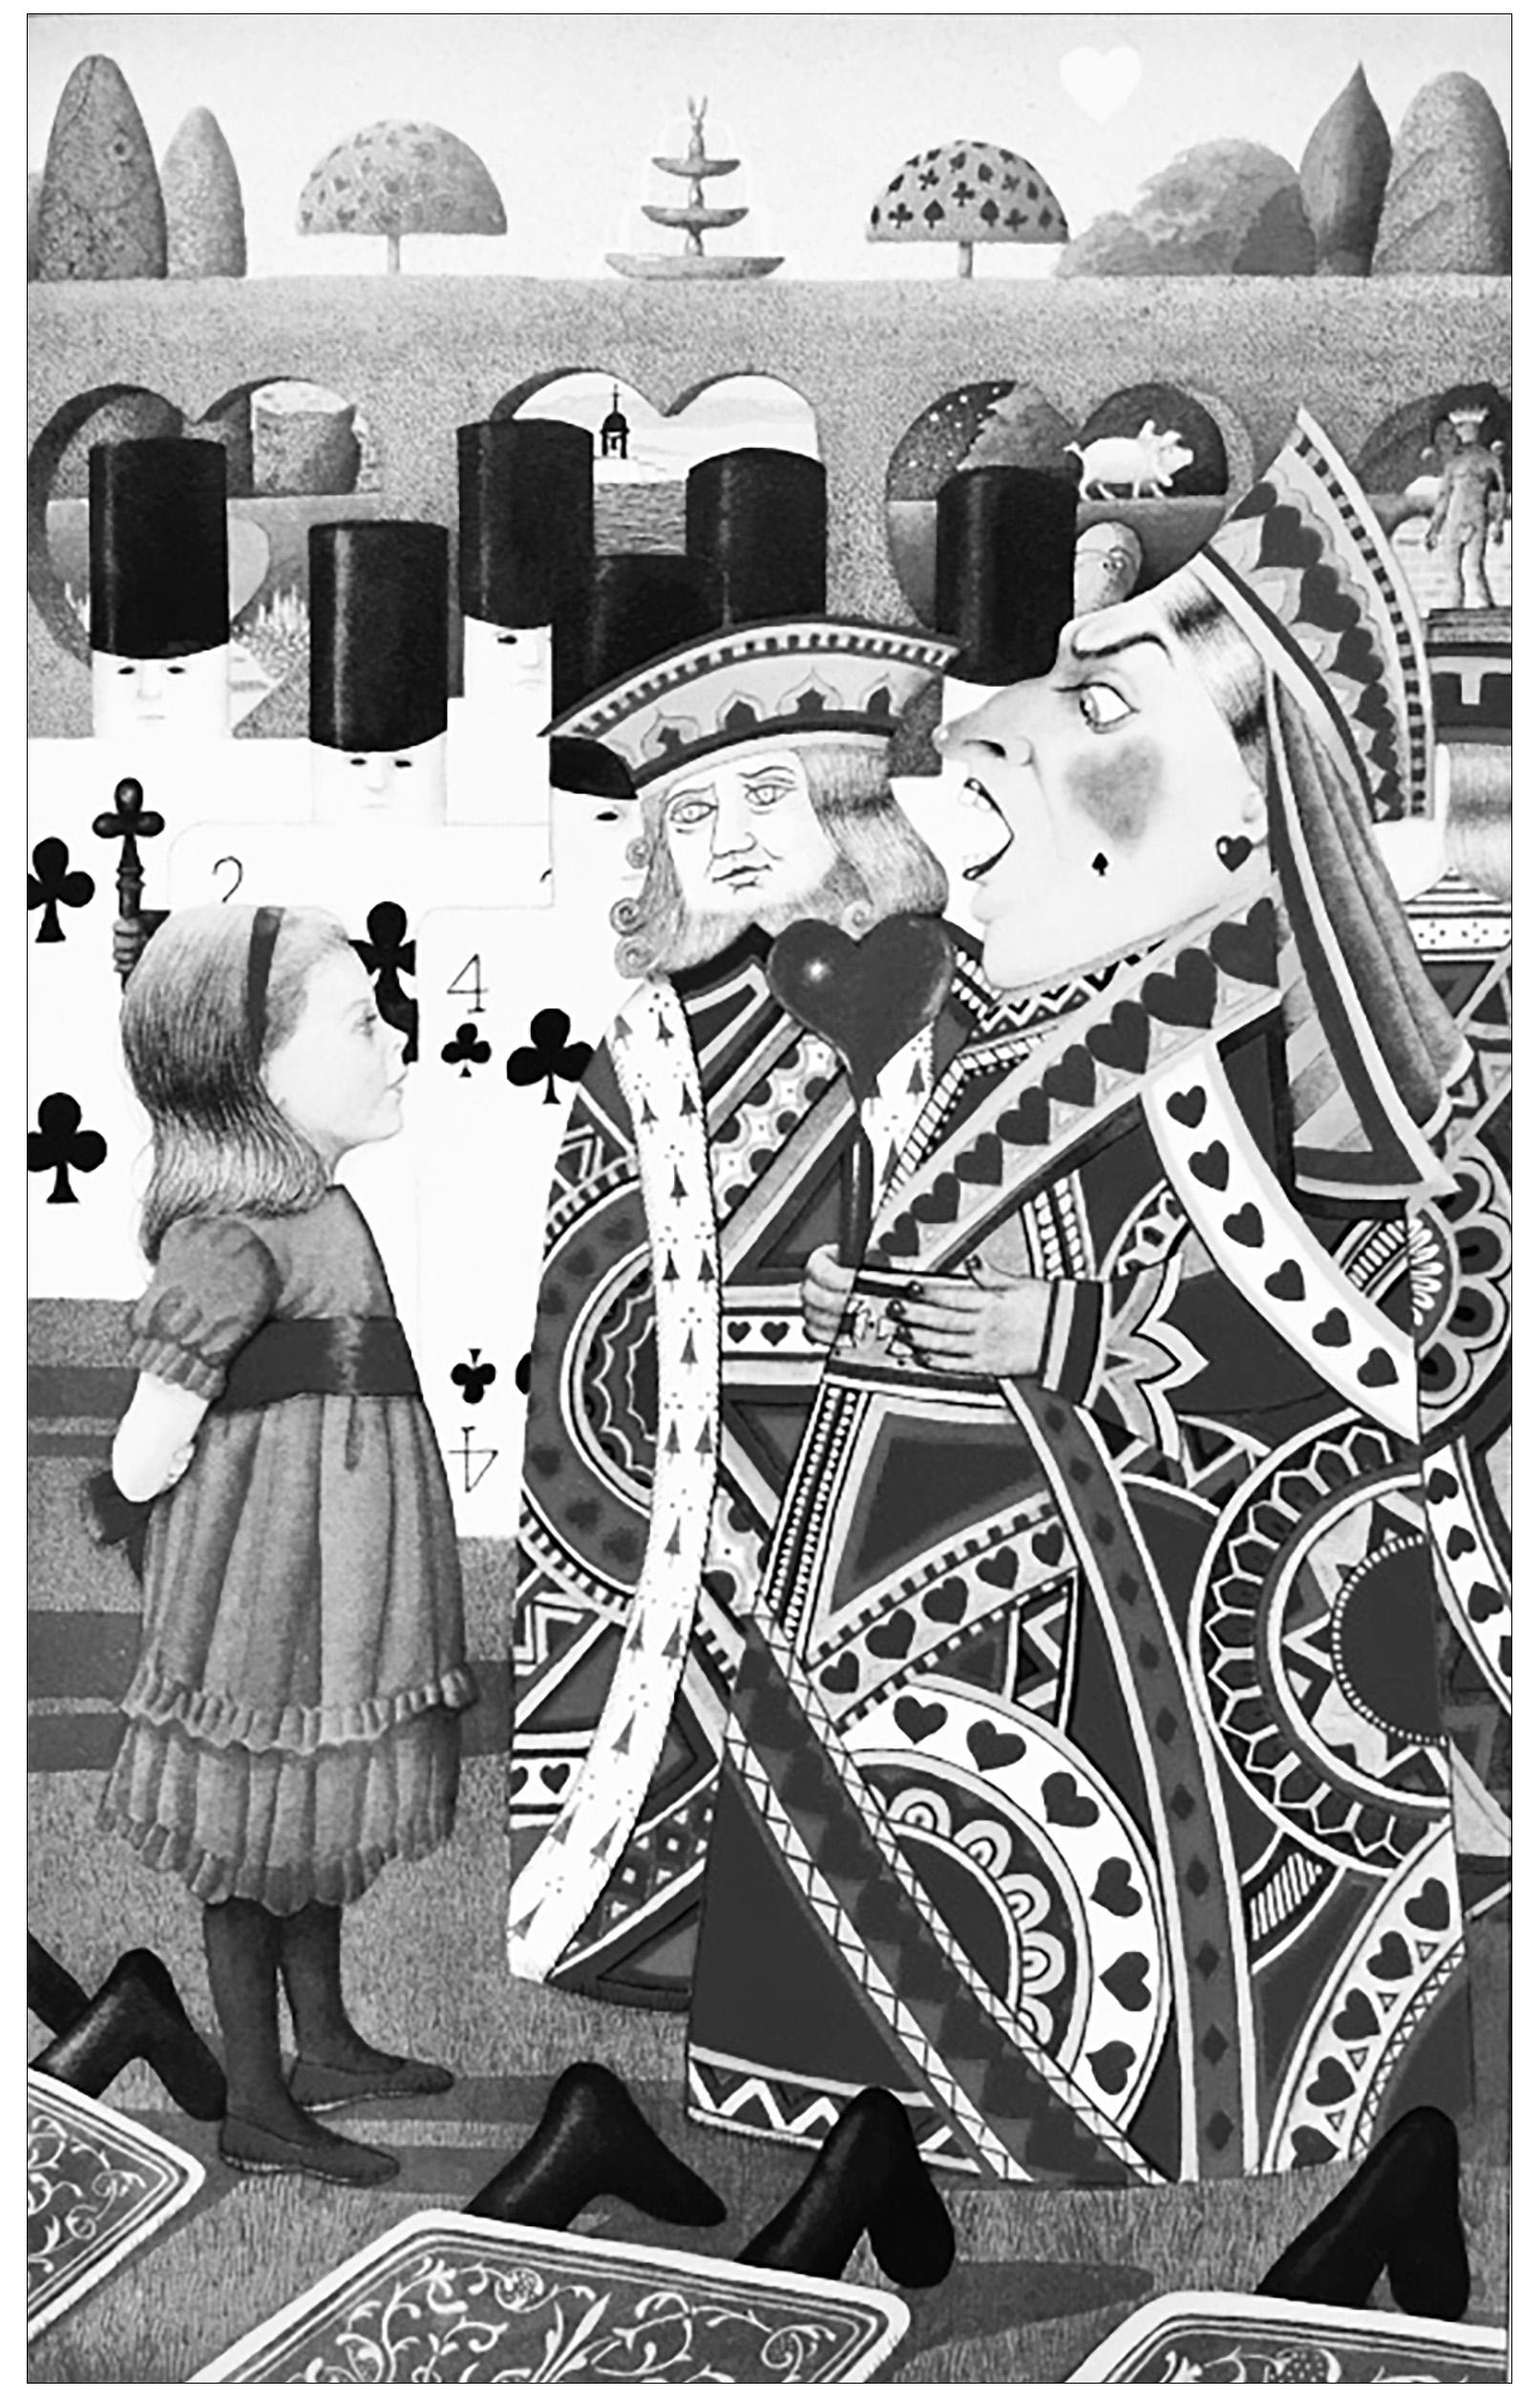 Coloriage créé à partir d'une ancienne illustration tirée du livre 'Alice au pays des merveilles' de Lewis Carroll